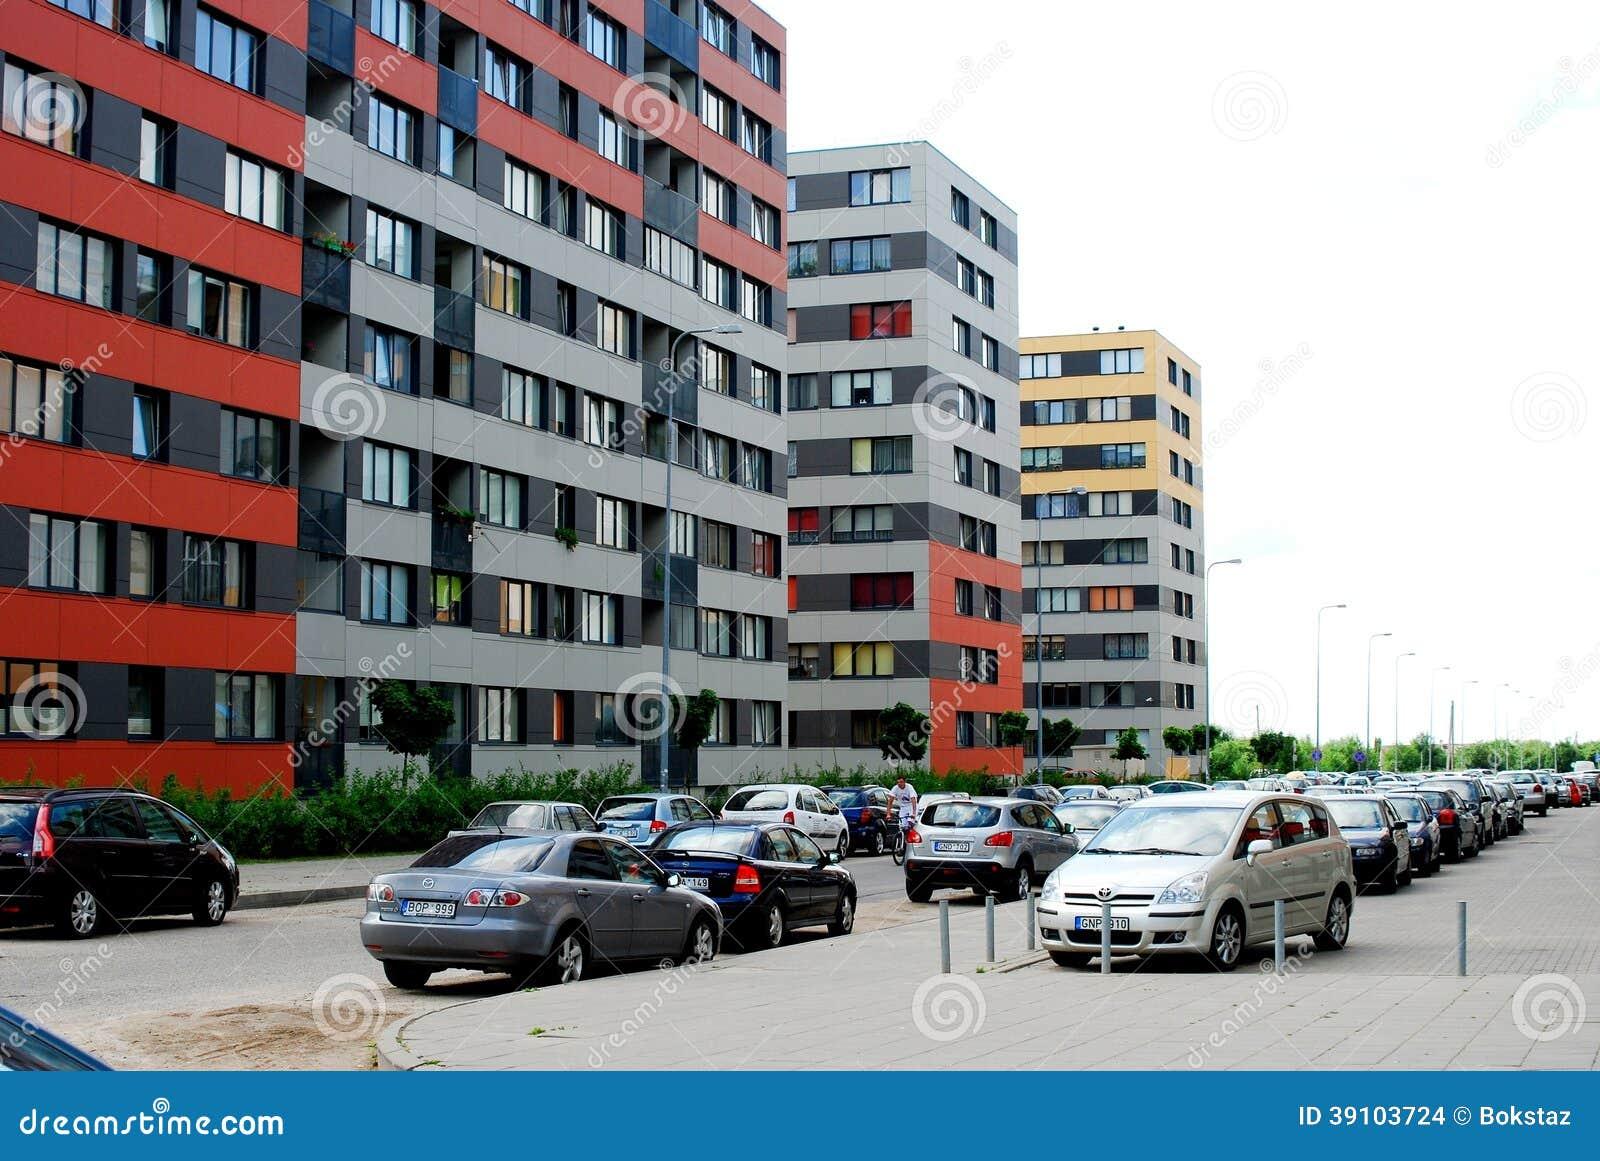 Vilnius vandaag. Nieuwe gebouwen bij perkunkiemis.